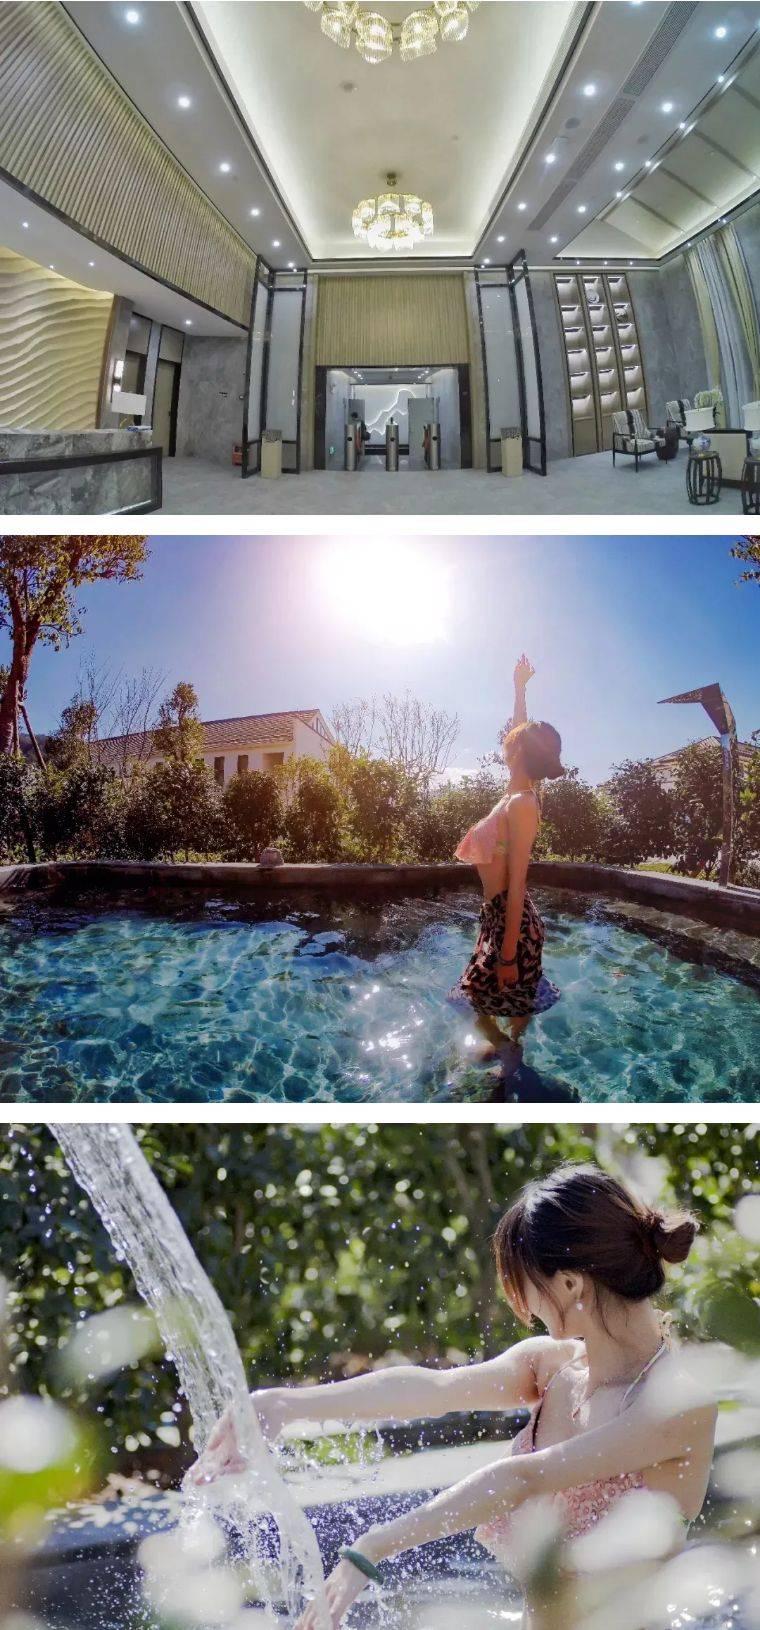 【一价三城】999元玩转丰泰旅游三大主题威尼斯,水上威尼斯、花海威尼斯、徽派威尼斯3间3城任意组合,更有主题游玩项目,5公里泳道及网红水上玩具等着你,网红姐妹花携手发福利!